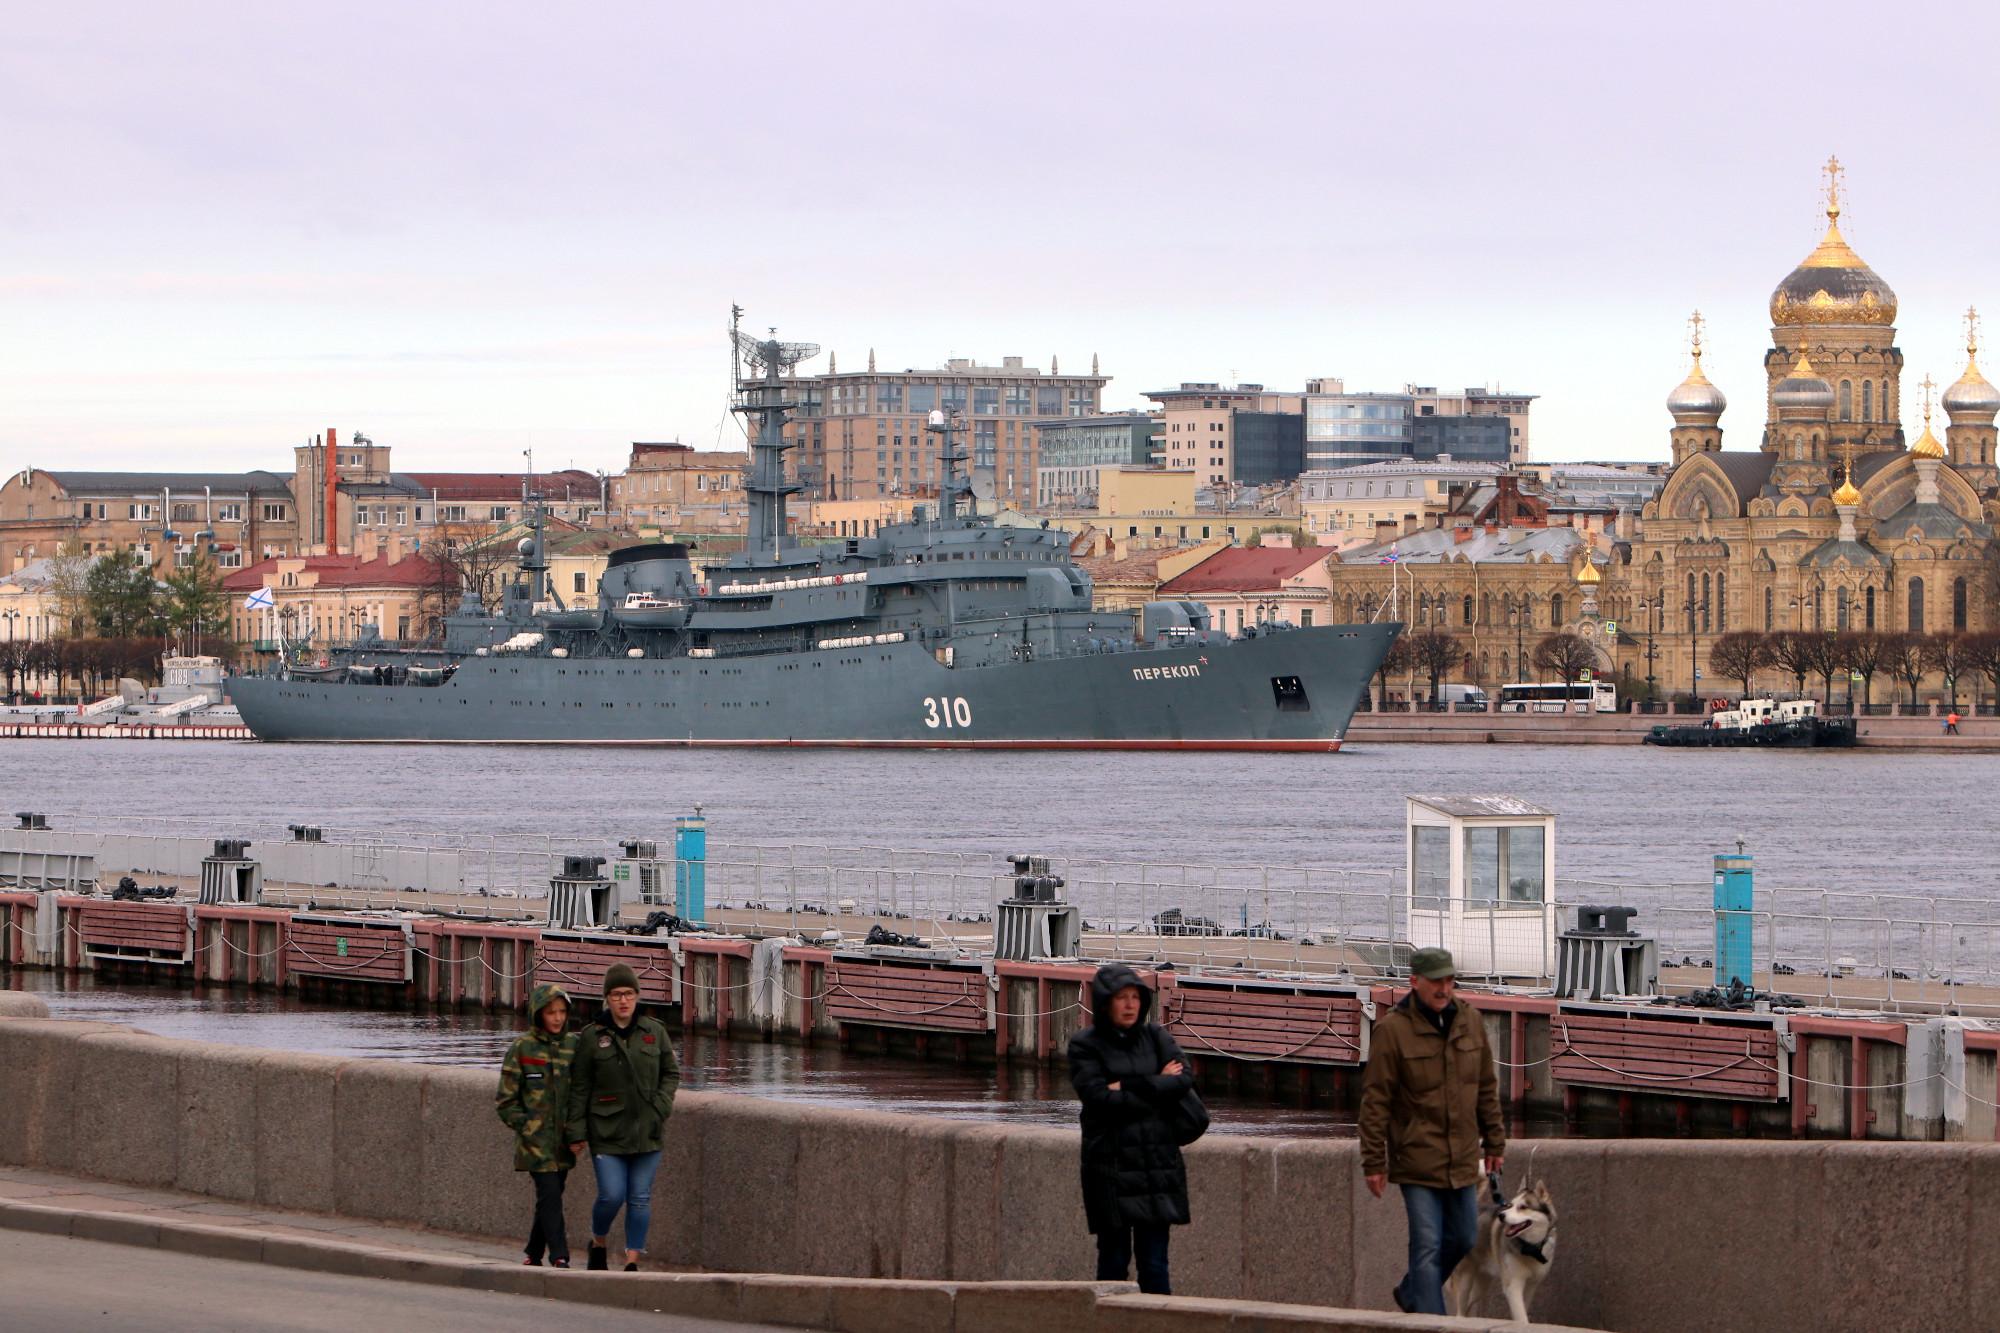 военный корабль, учебный корабль Перекоп, Нева, Английская набережная